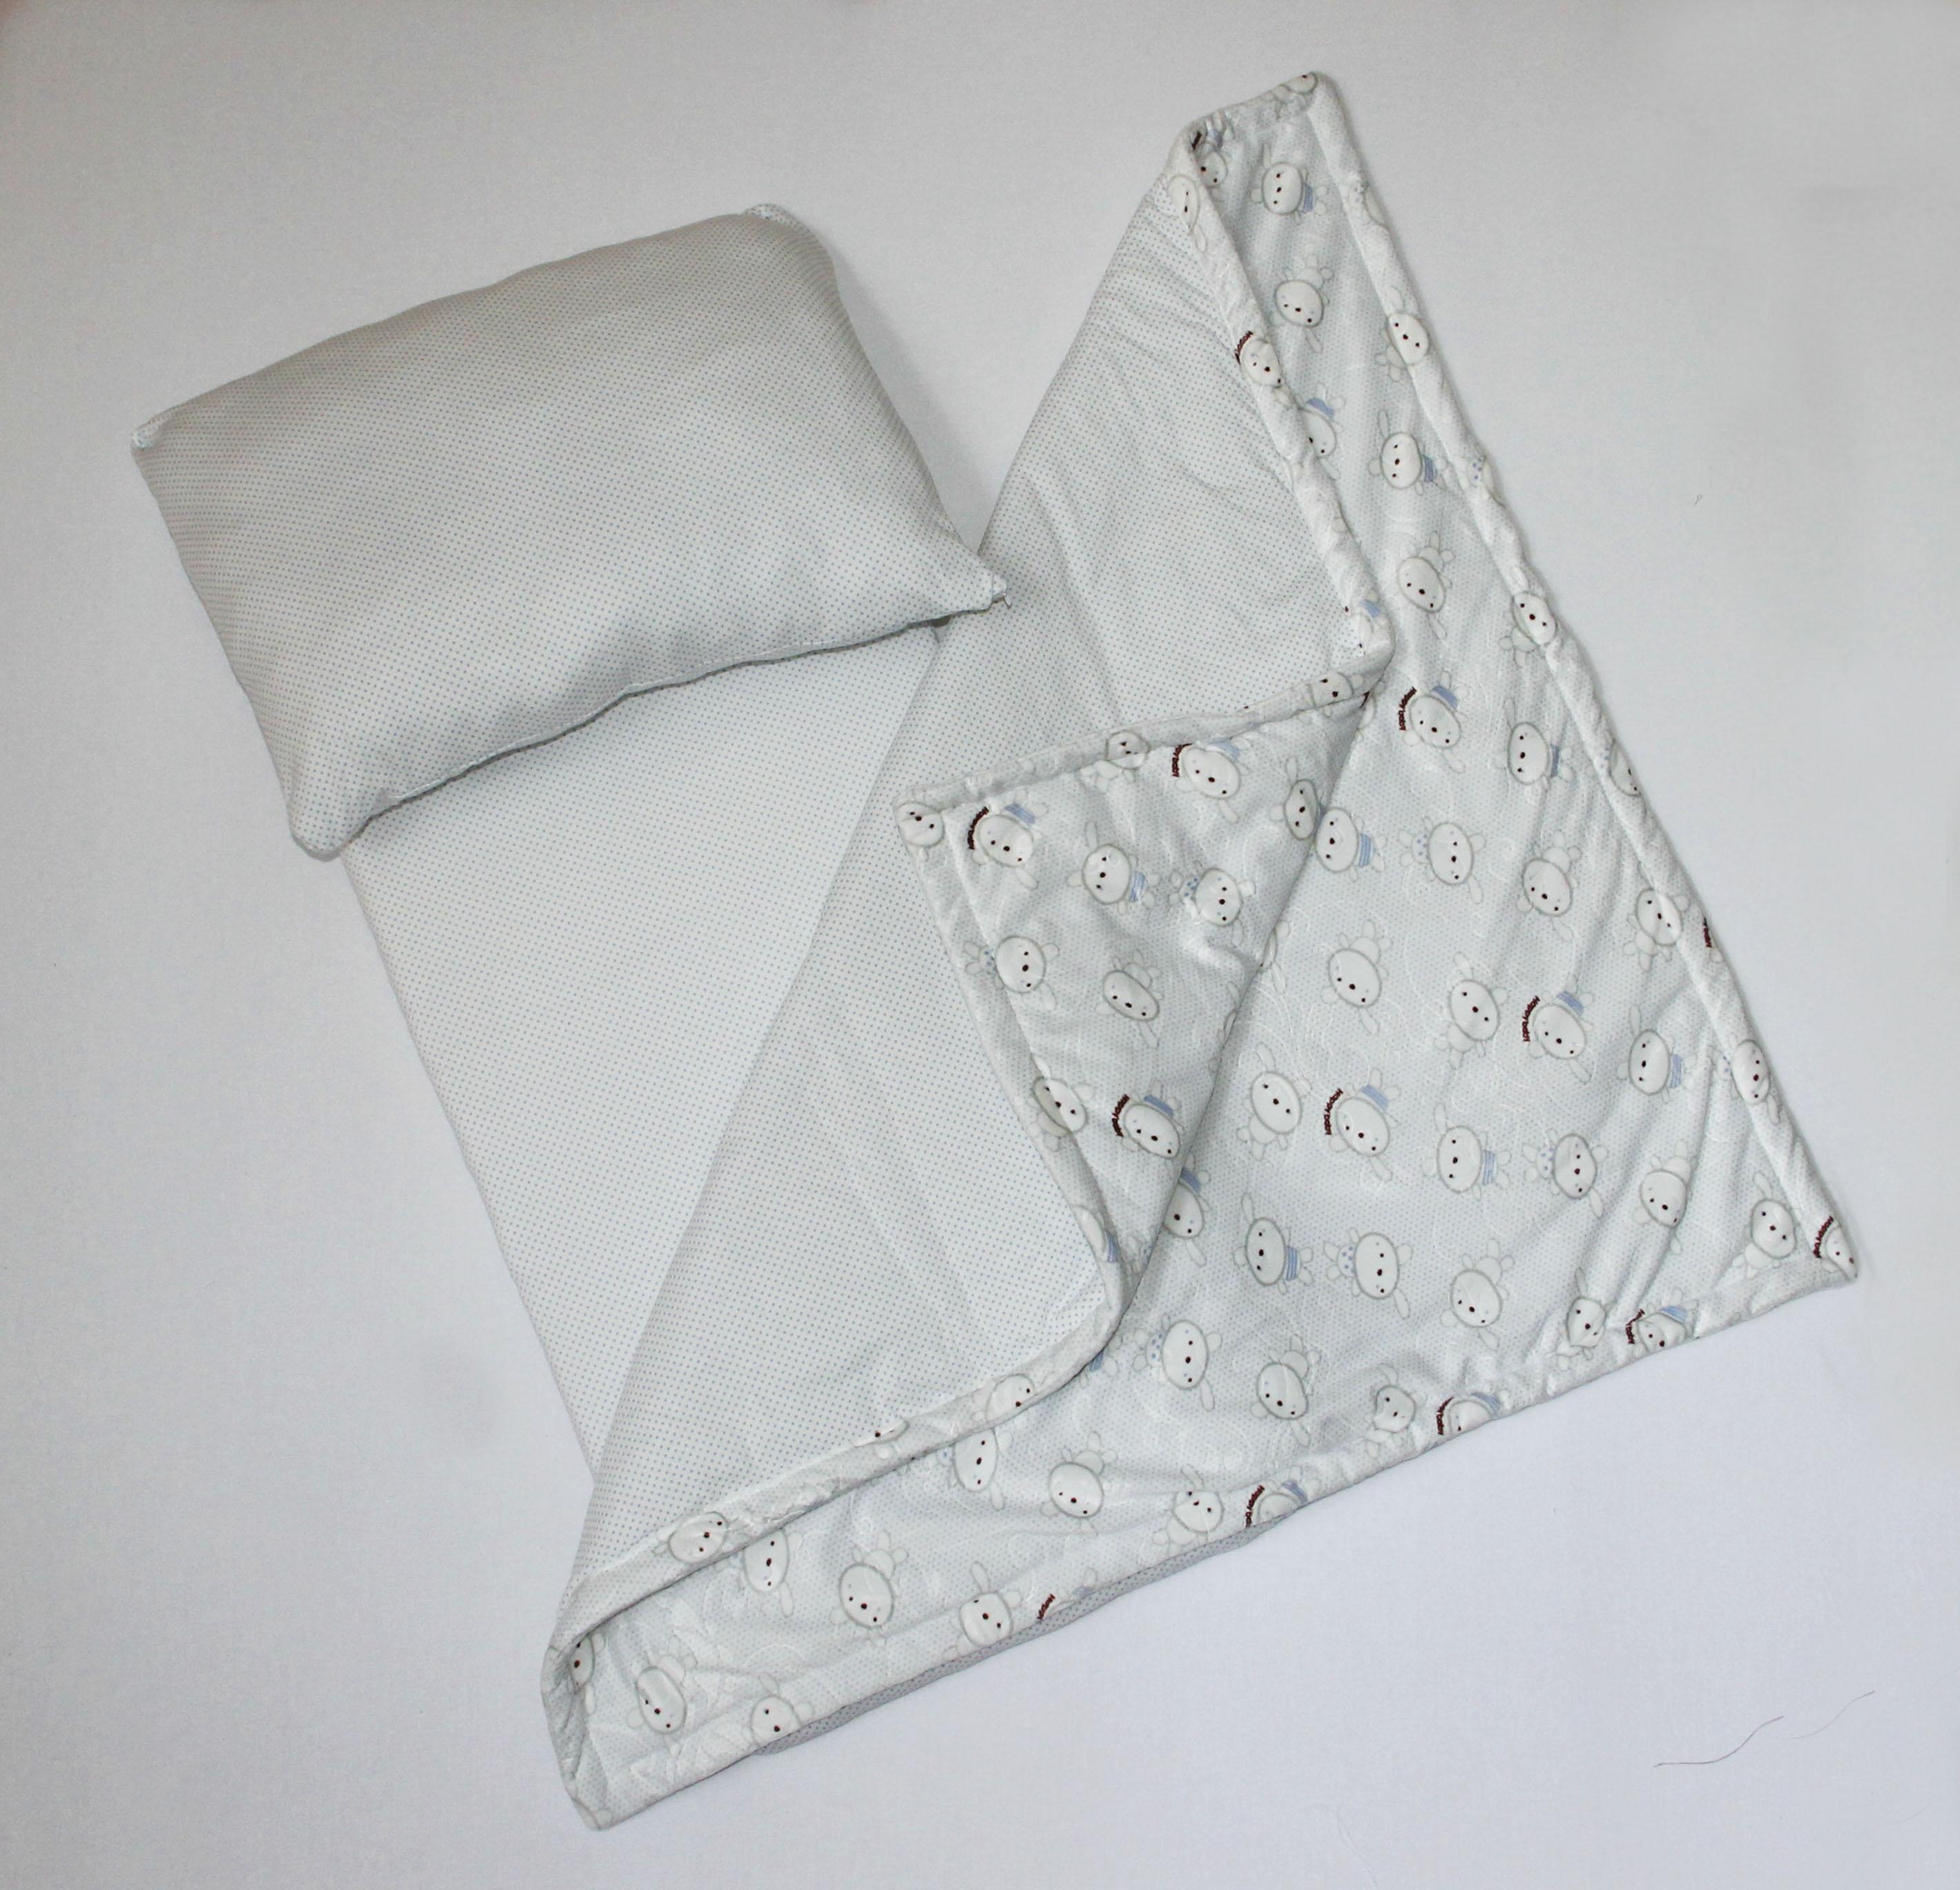 Комплект к коляску Зайка подушка, матрац и пледКомплекты в коляску, кроватку<br><br><br>Размер: Голубой